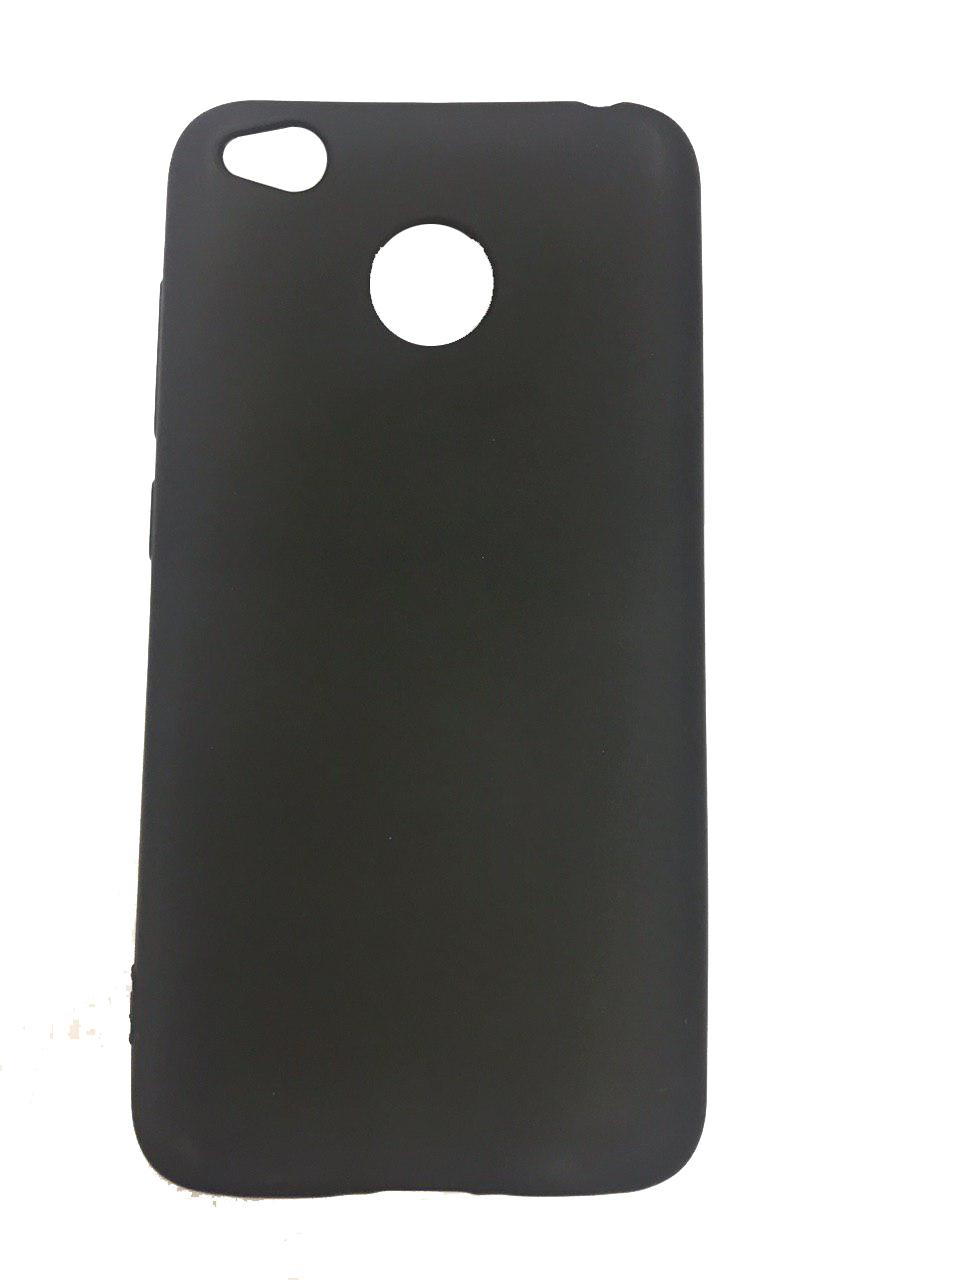 Чехол для сотового телефона Simply Чехол для Xiaomi Redmi 4A (Черный), черный чехол для xiaomi redmi 4a caseguru soft touch черный